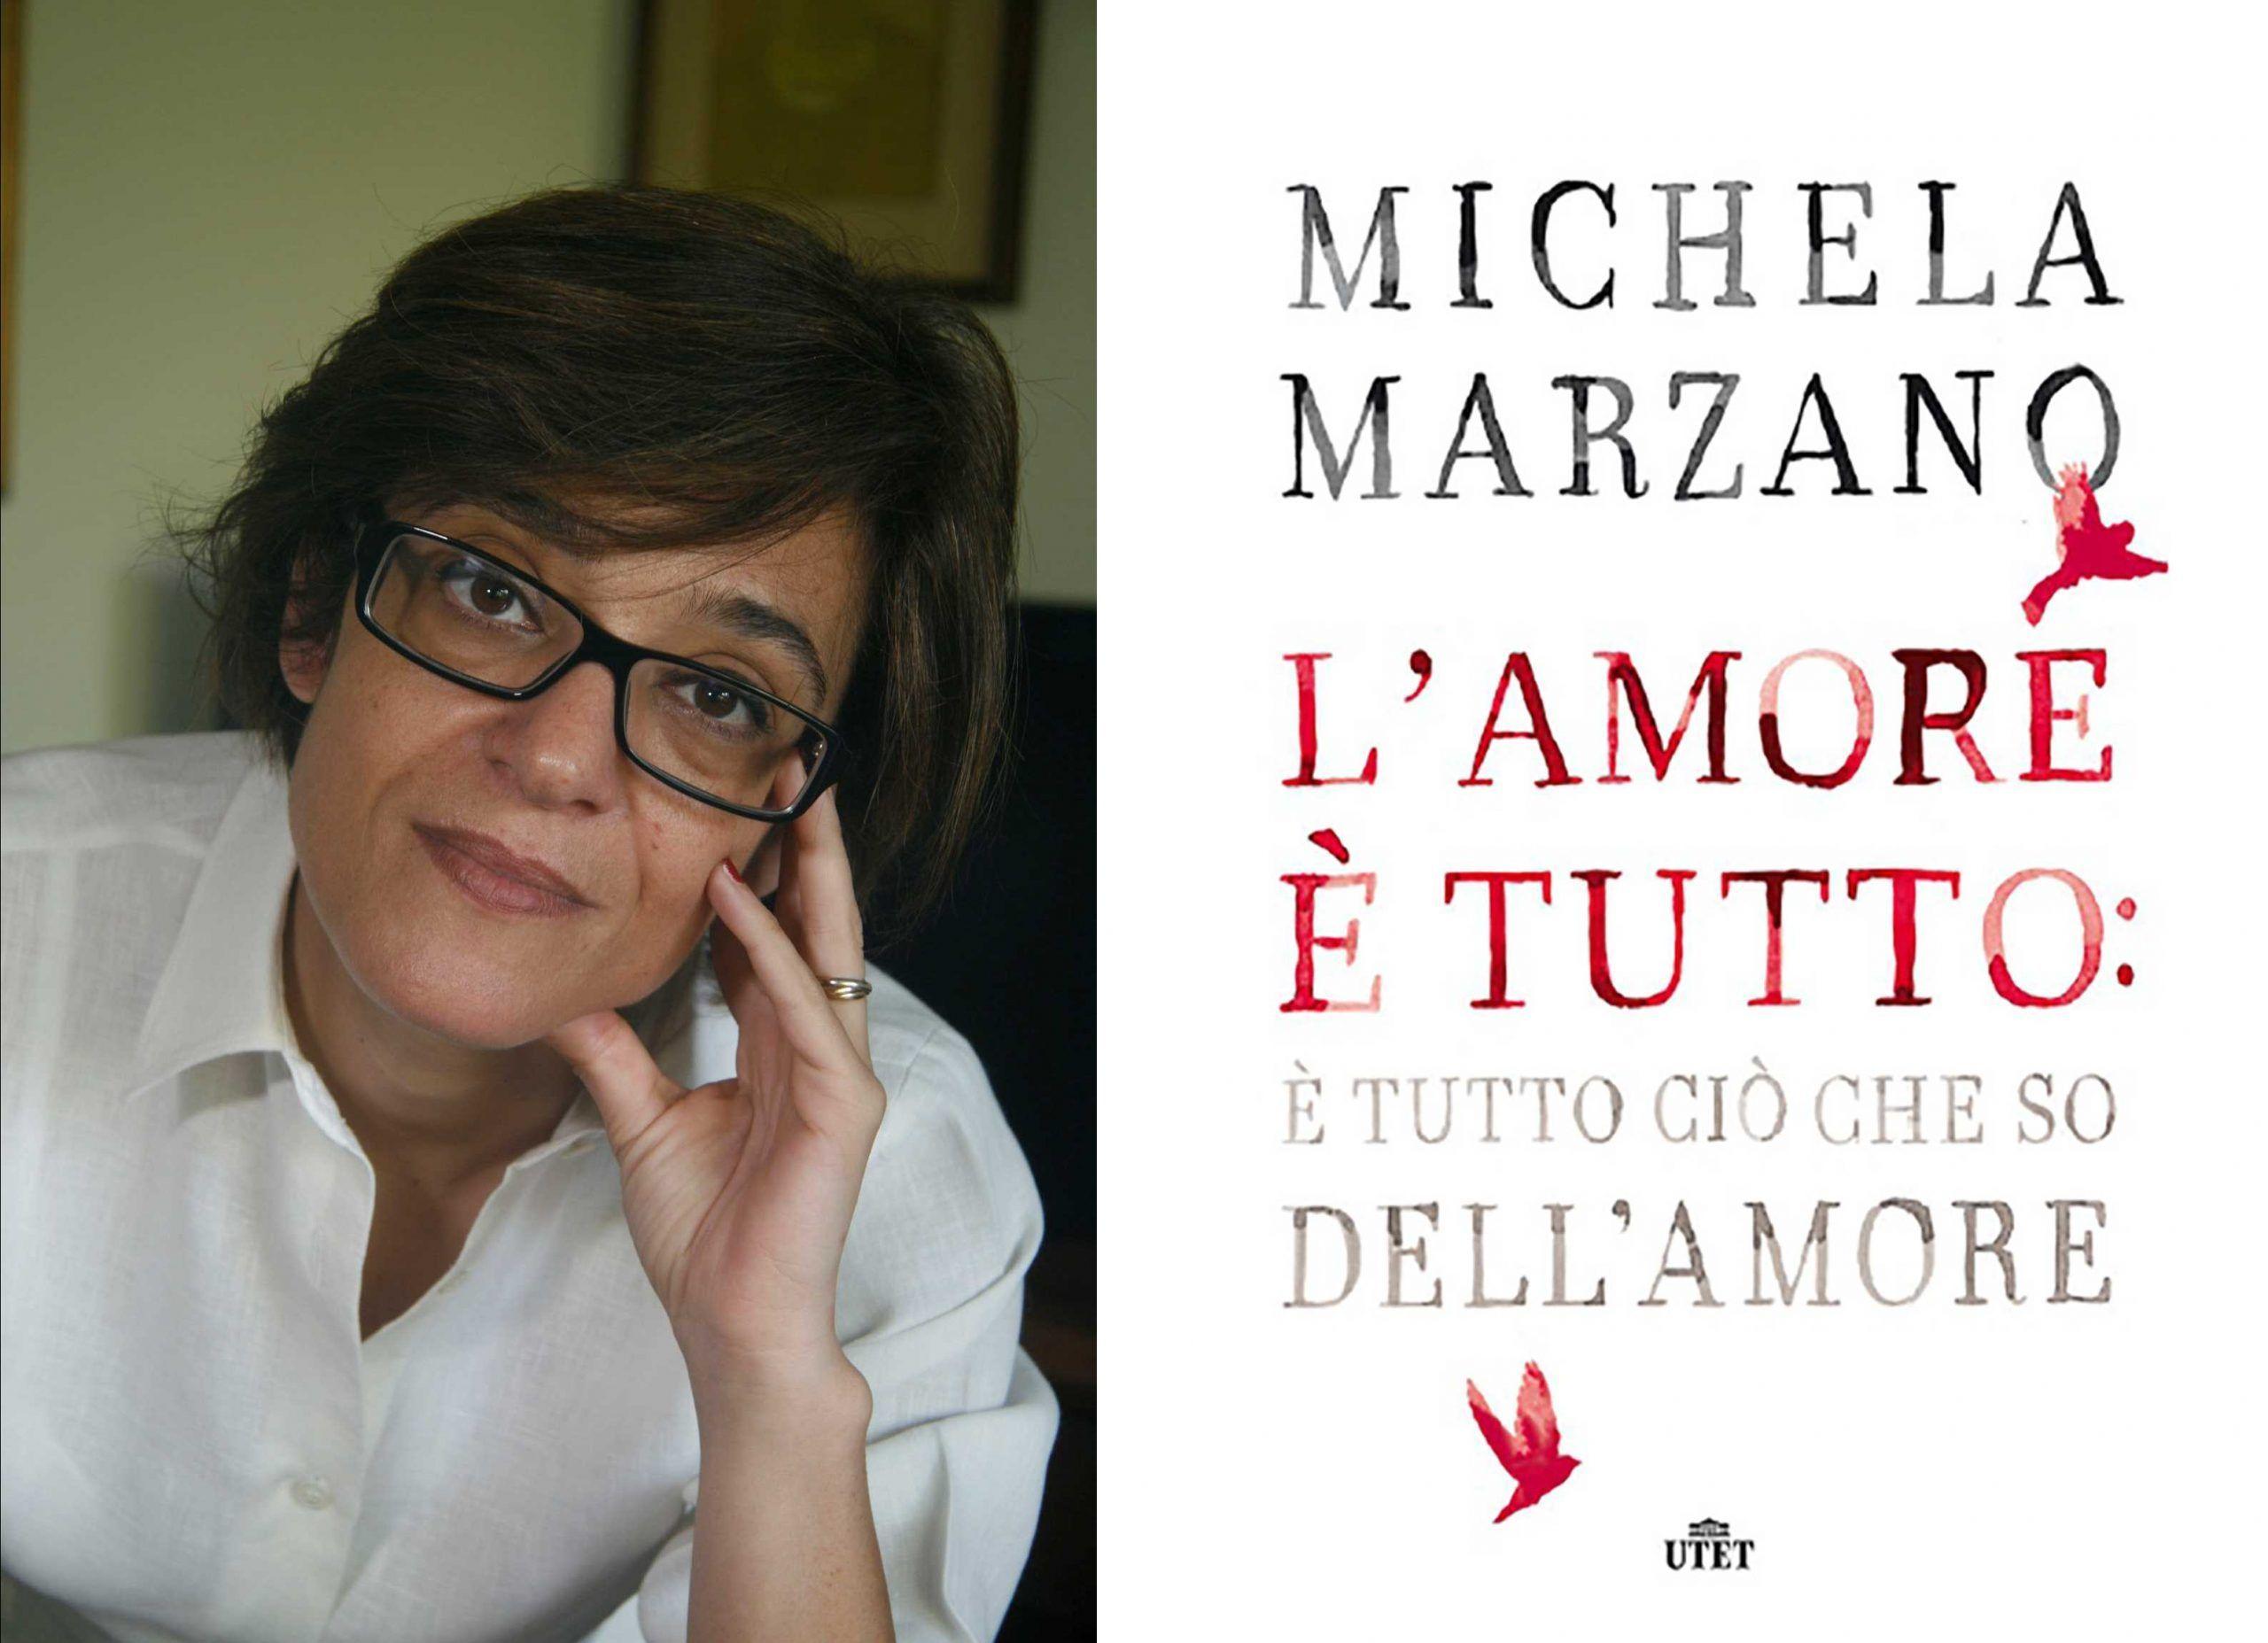 Michela Marzano con L'amore è tutto vince il premio Bancarella 2014